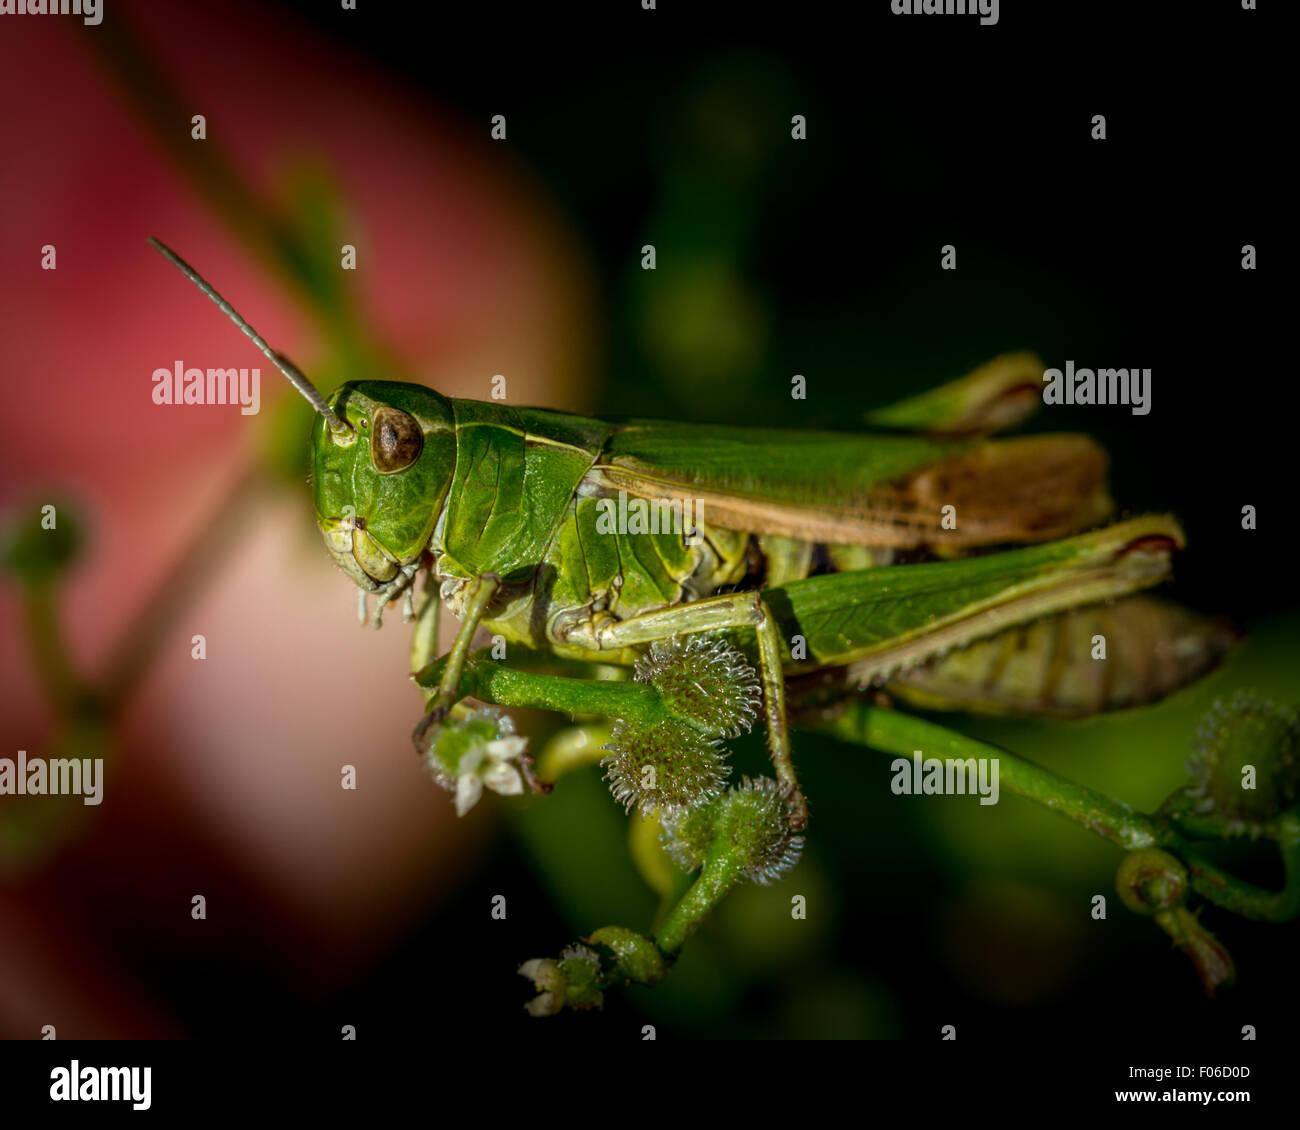 UK wildlife & nature: Green grasshopper - poised and camouflaged - Stock Image